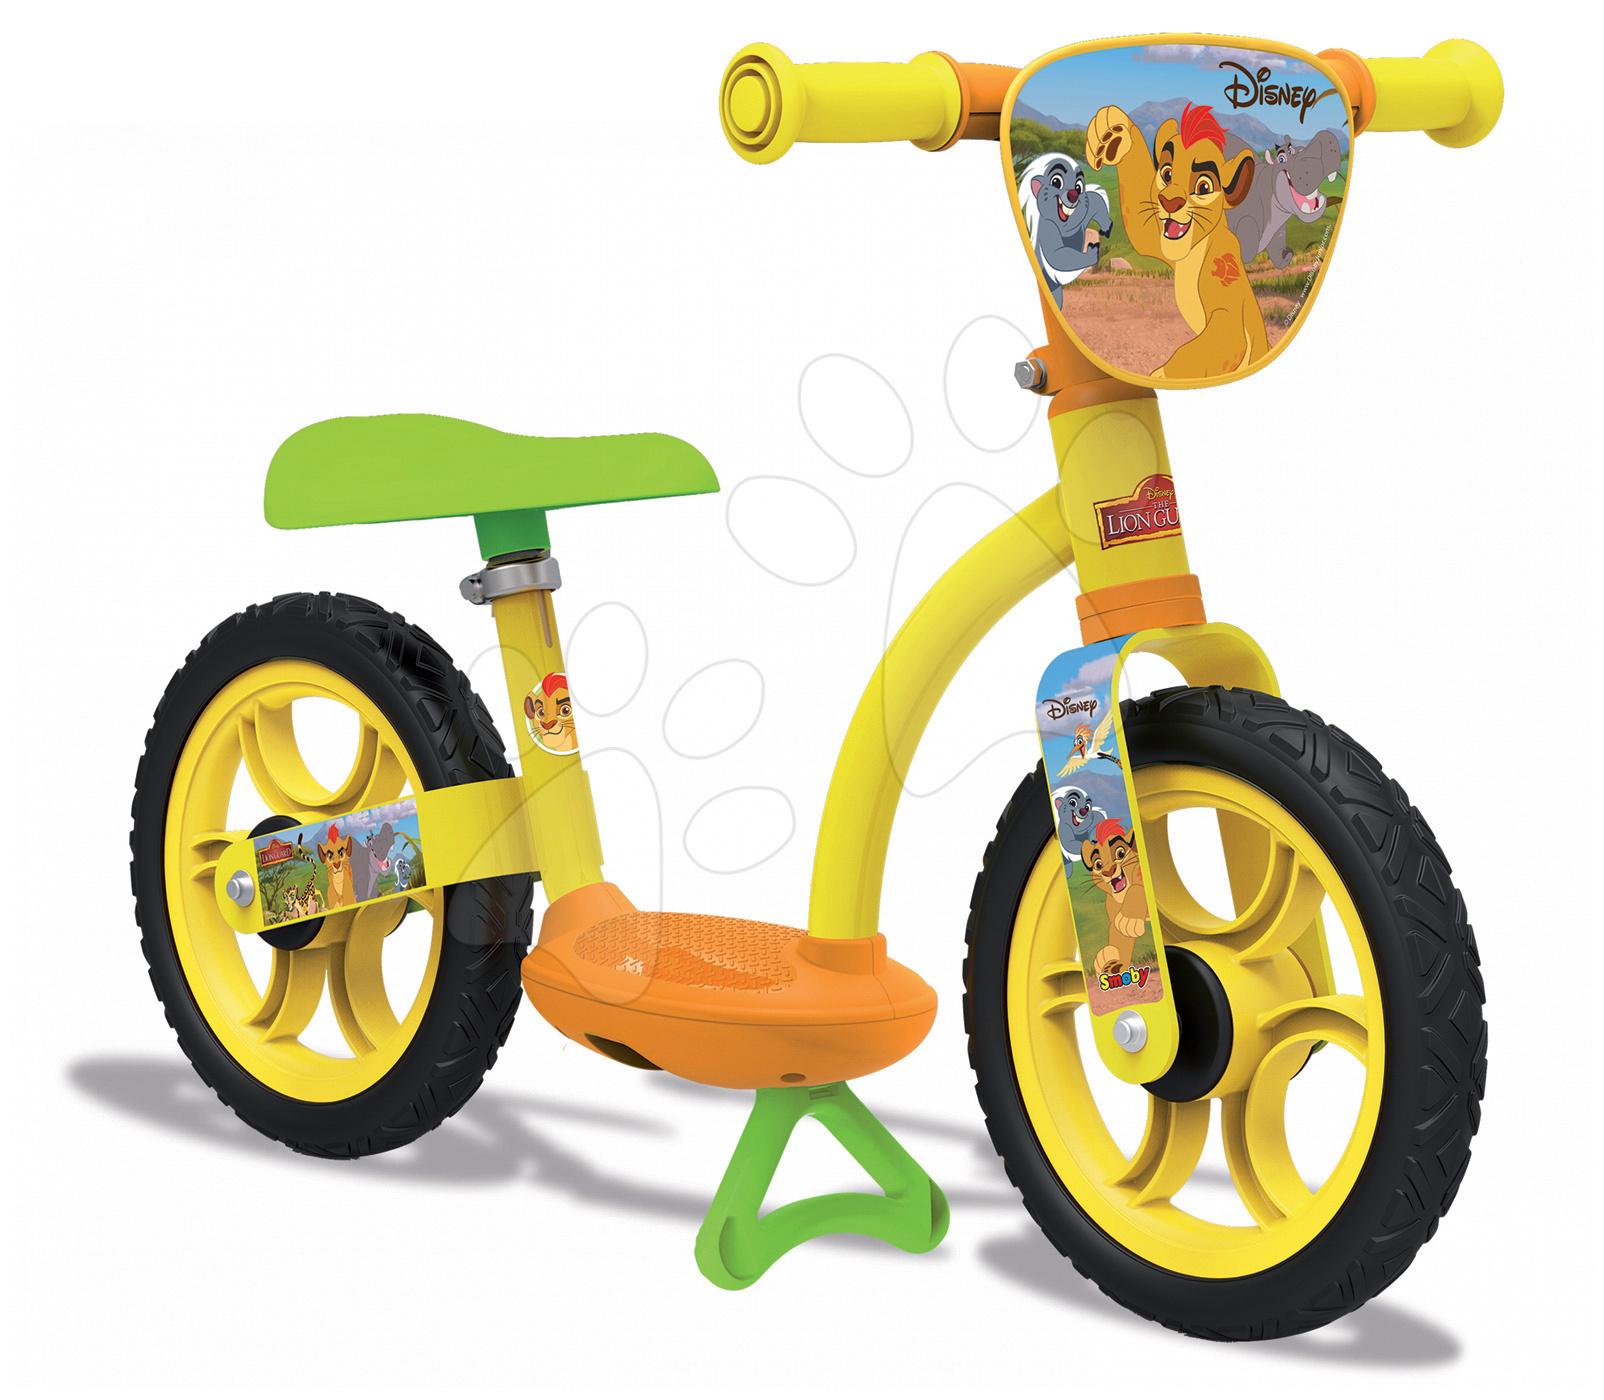 Balanční odrážedlo Lion Guard Learning Bike Comfort Smoby s nastavitelnou výškou sedáku od 24 měsíců